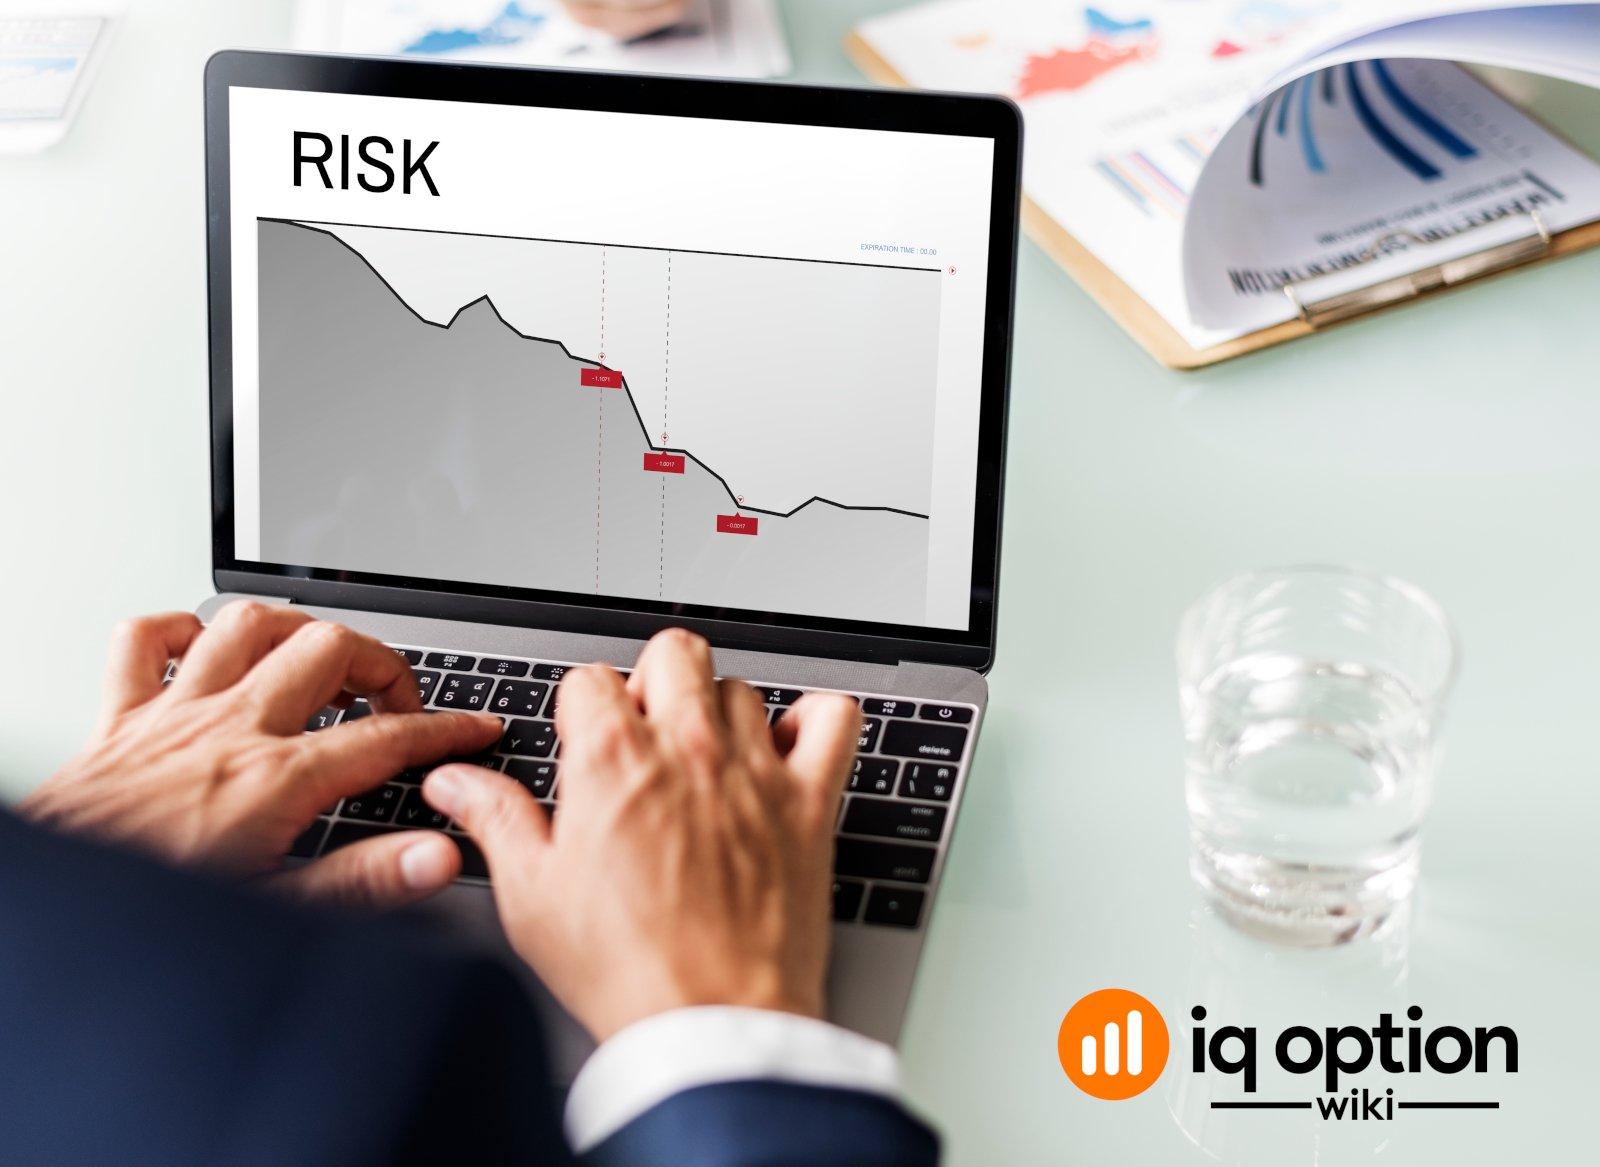 risky trading